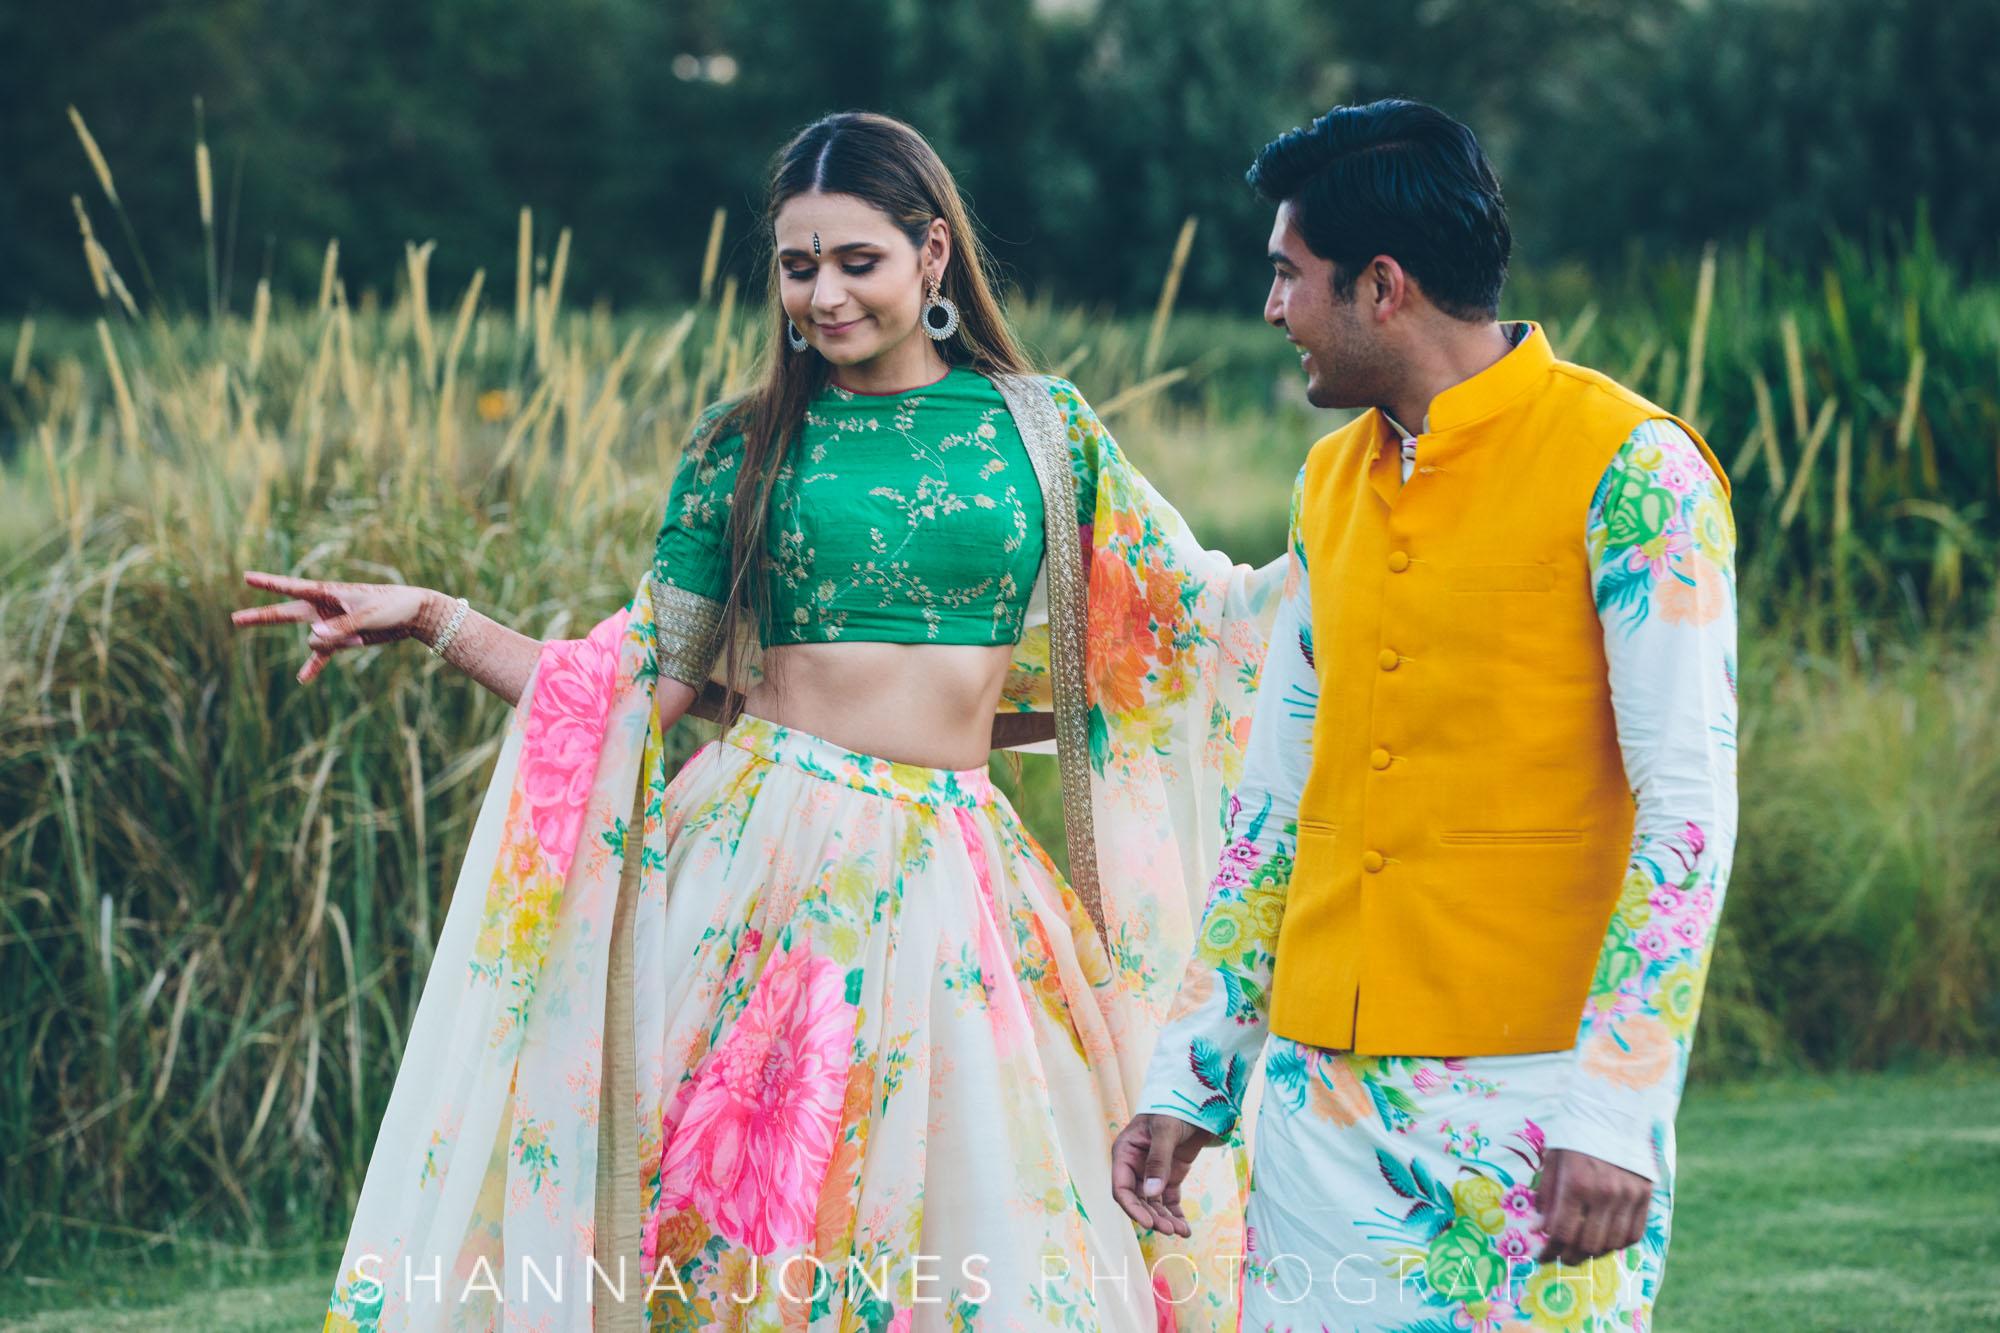 molenvliet-stellenbosch-cape-town-hindu-wedding-shanna-jones-photography-charlotte-kush-44.jpg